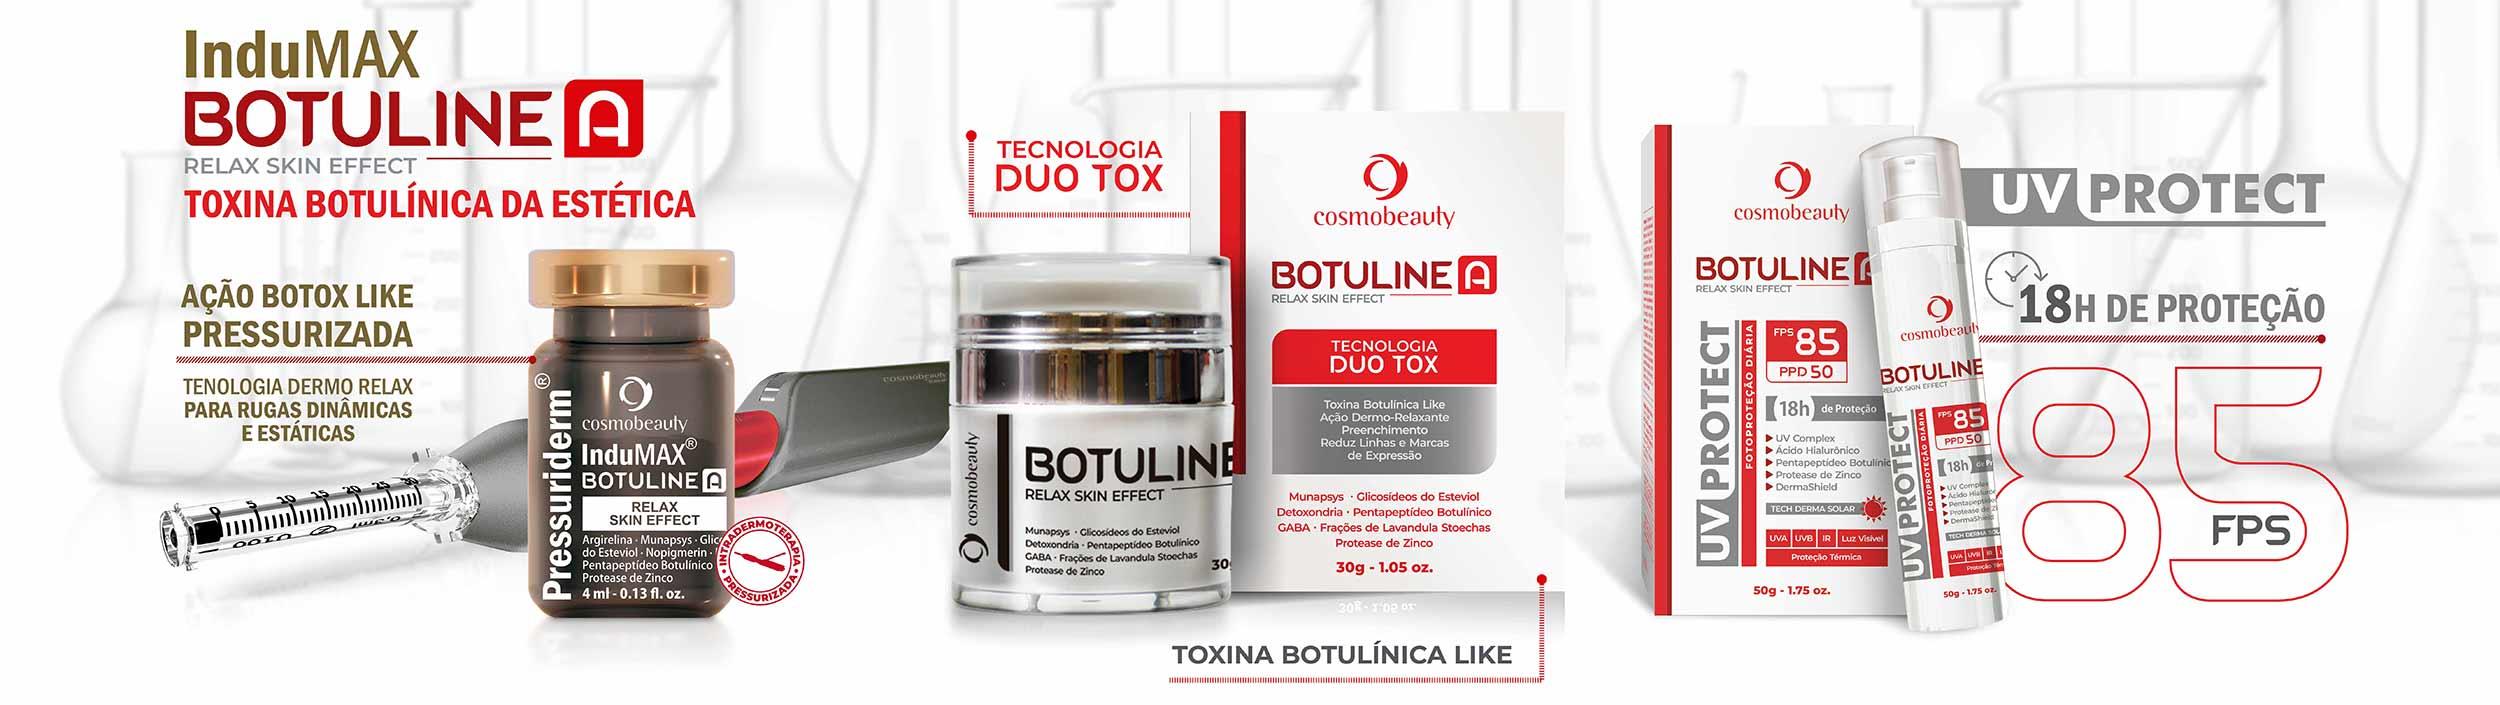 Banner-botuline-a